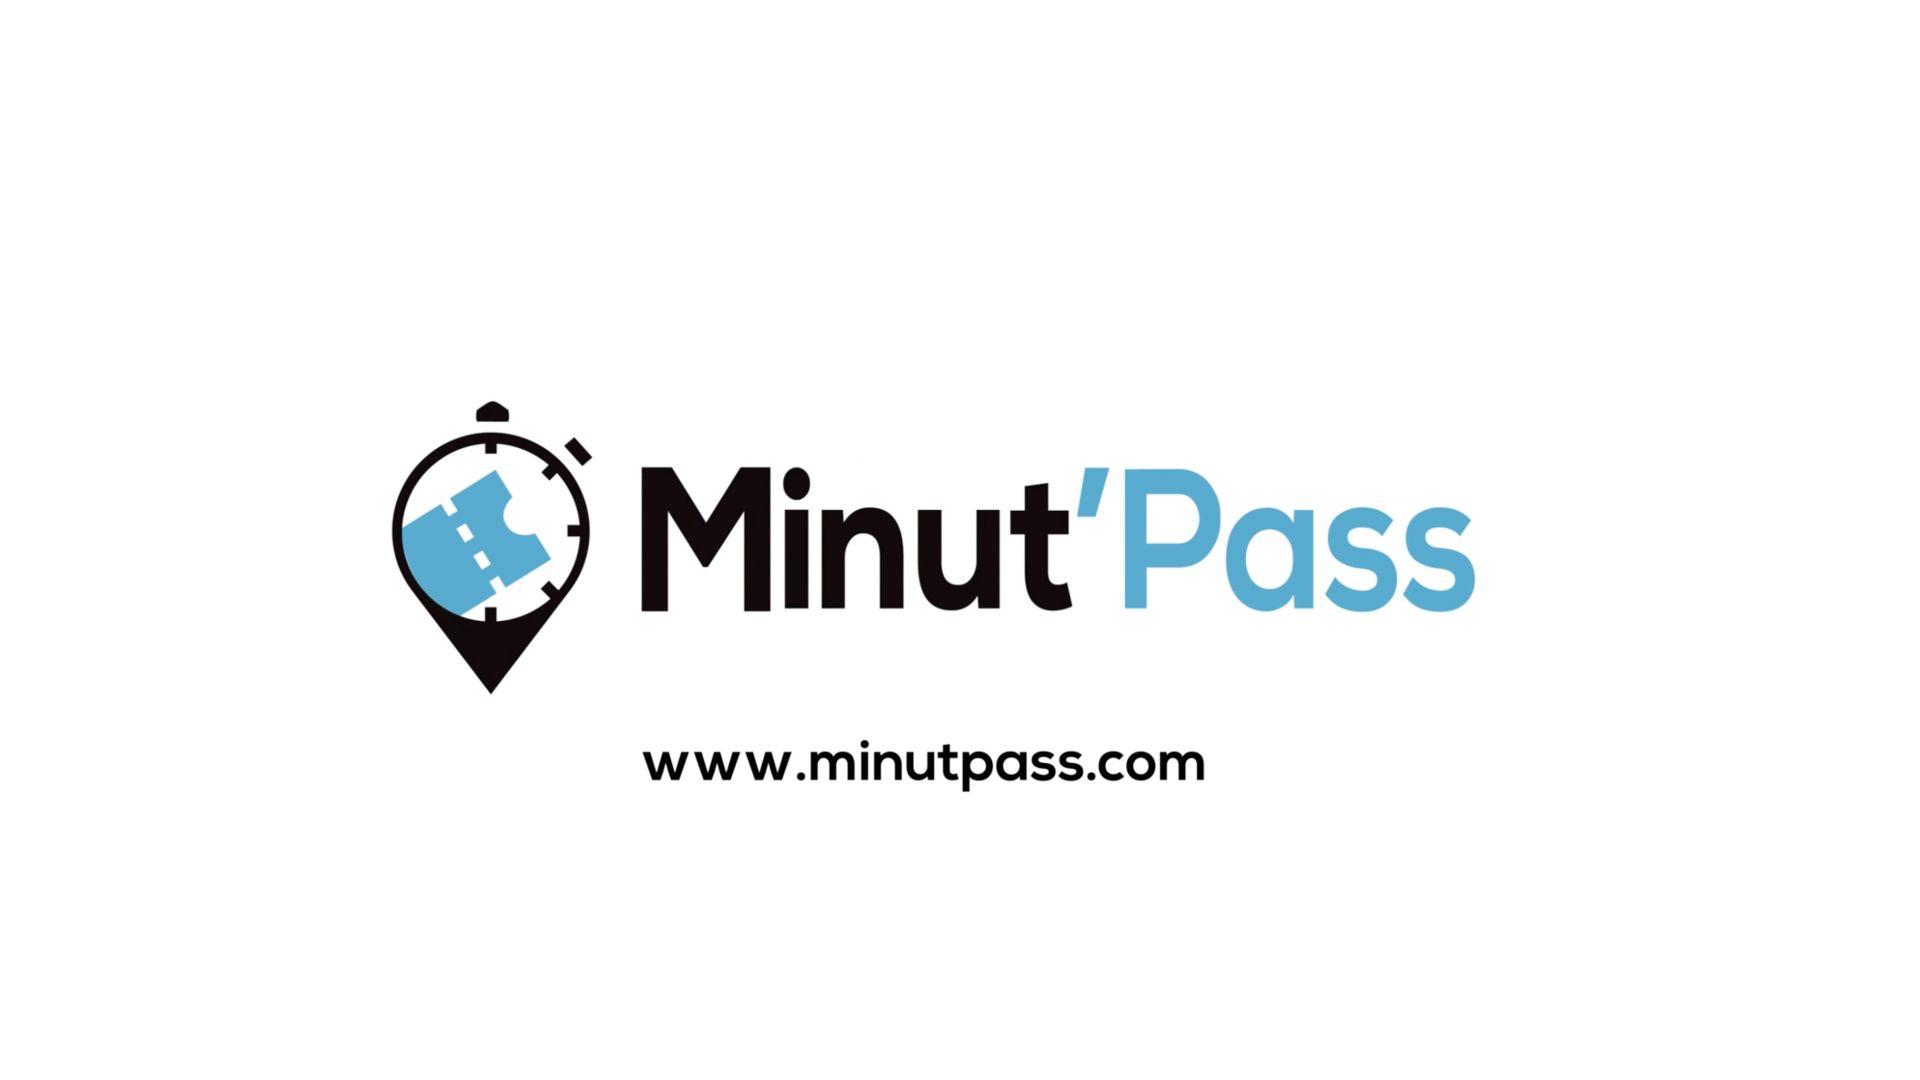 réalisation Minut'Pass - Gestionnaire de flux clients